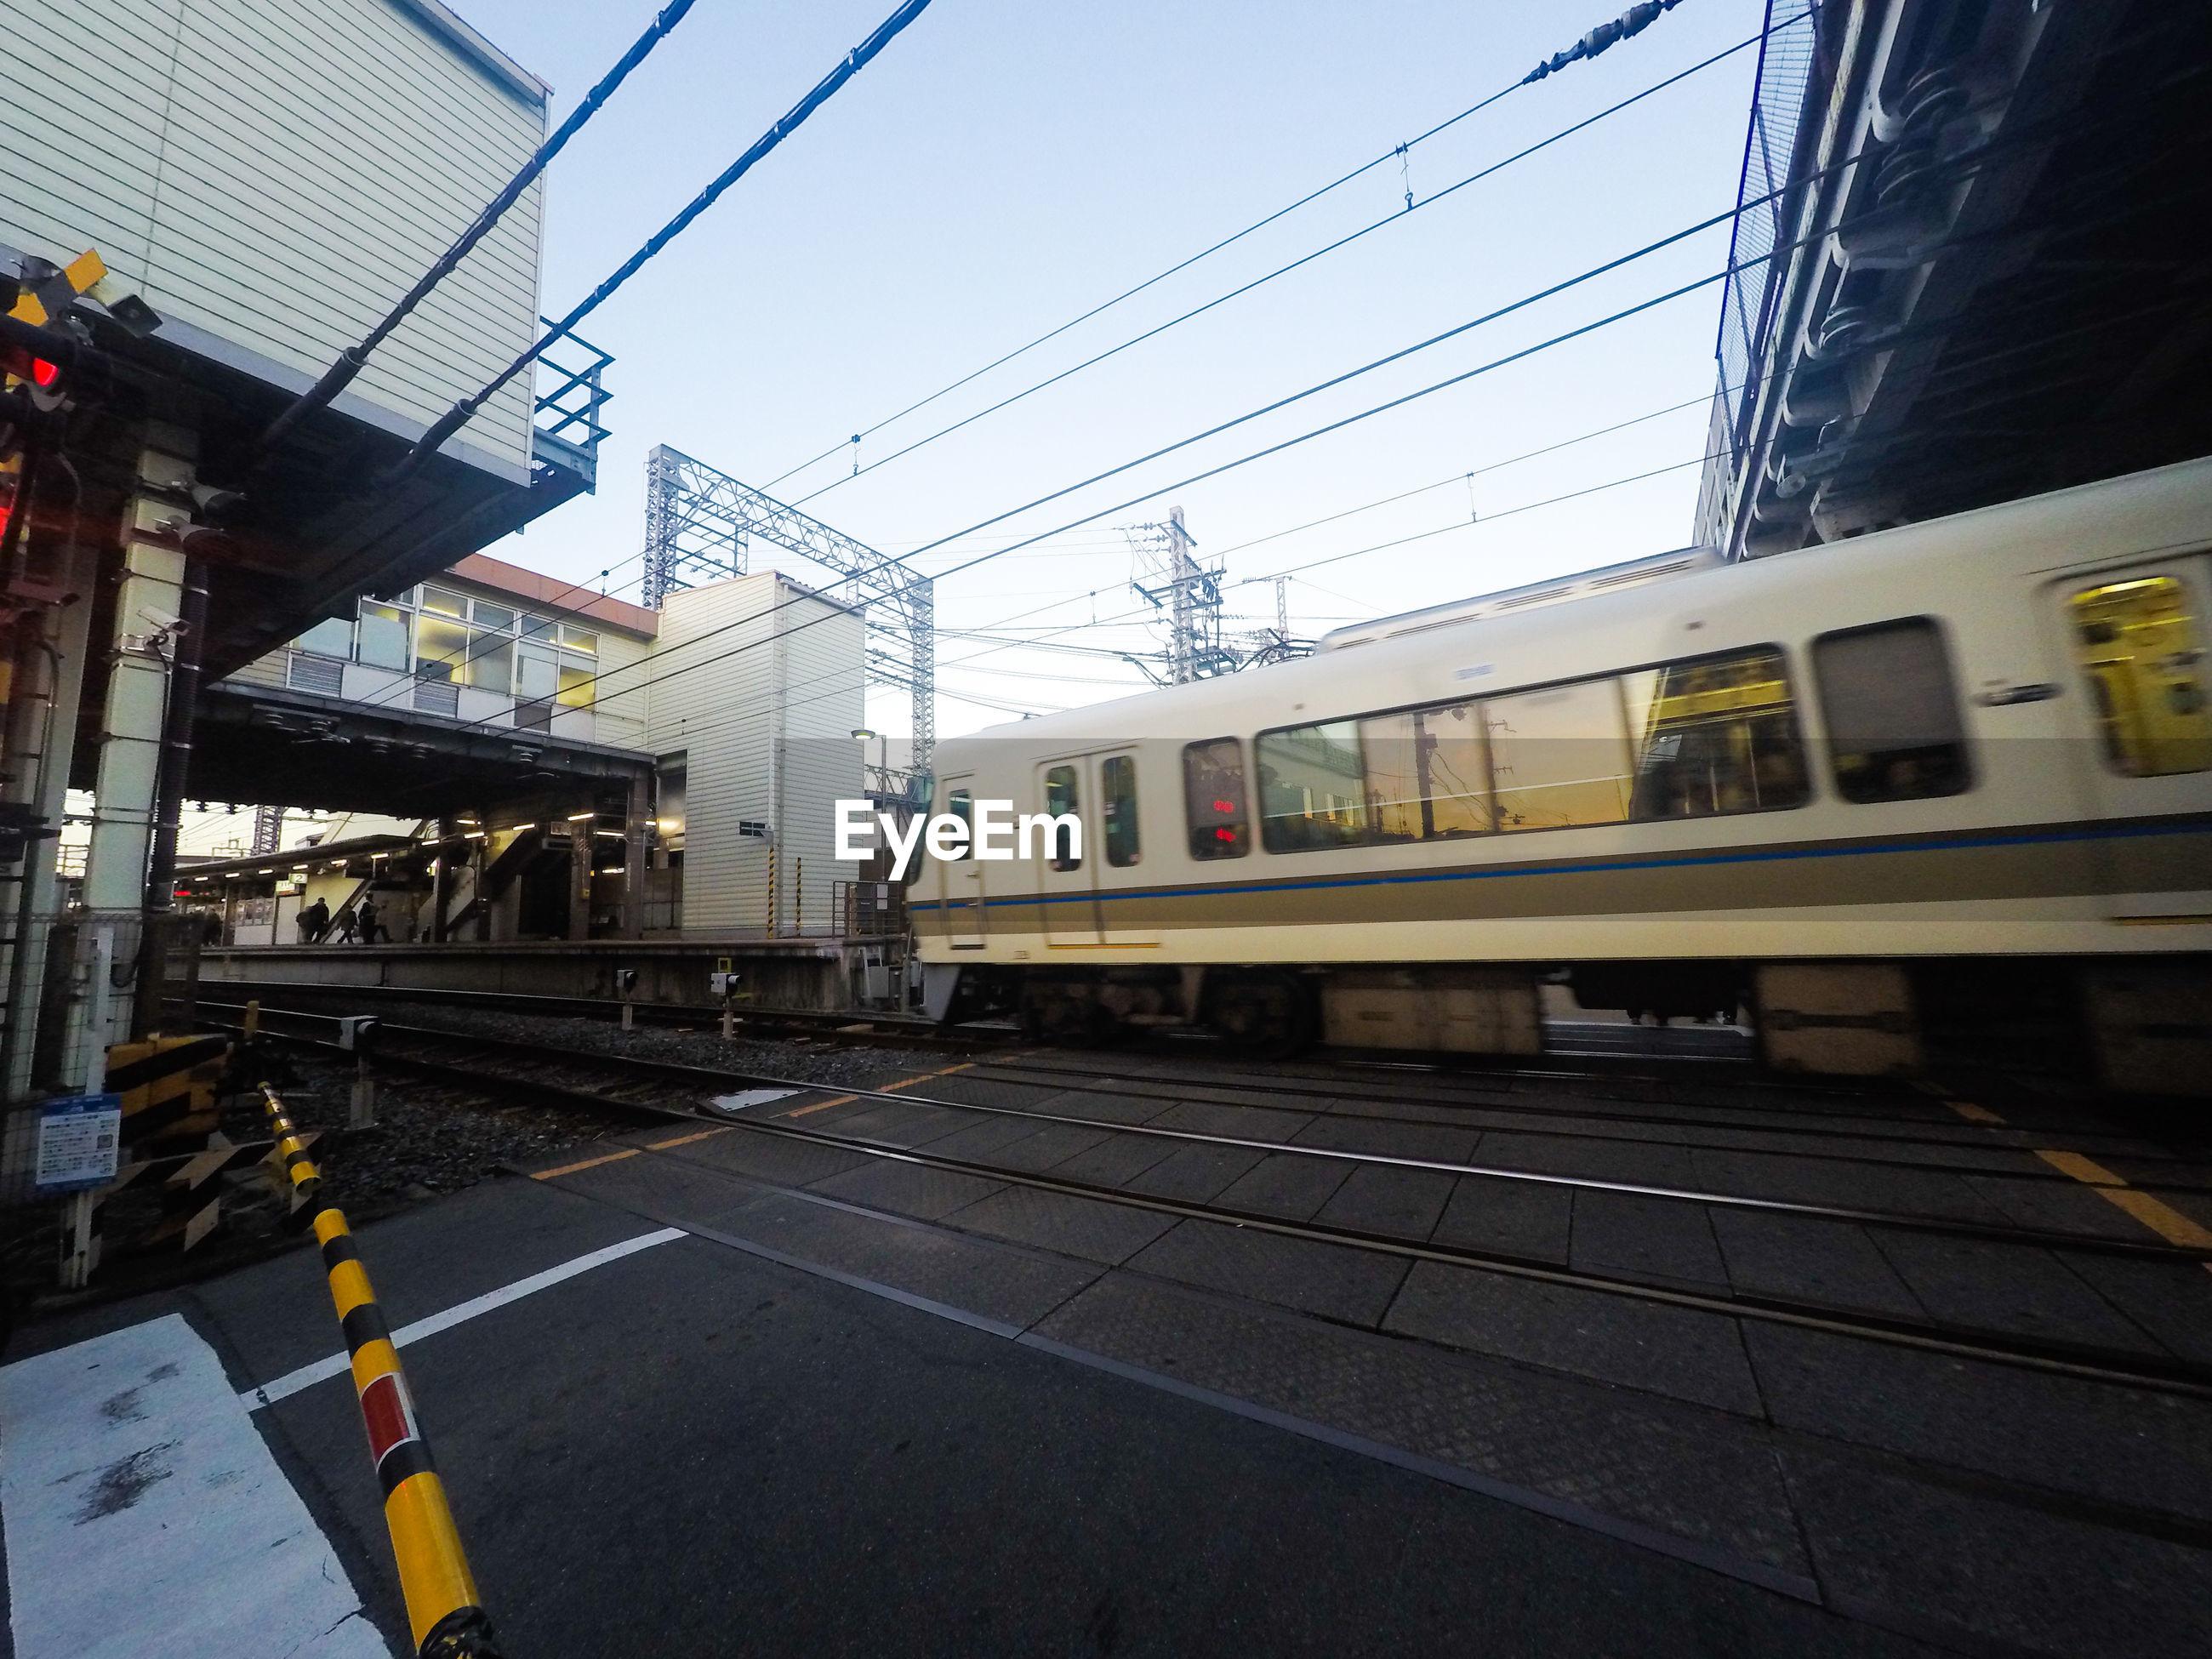 Railroad tracks on city street against sky